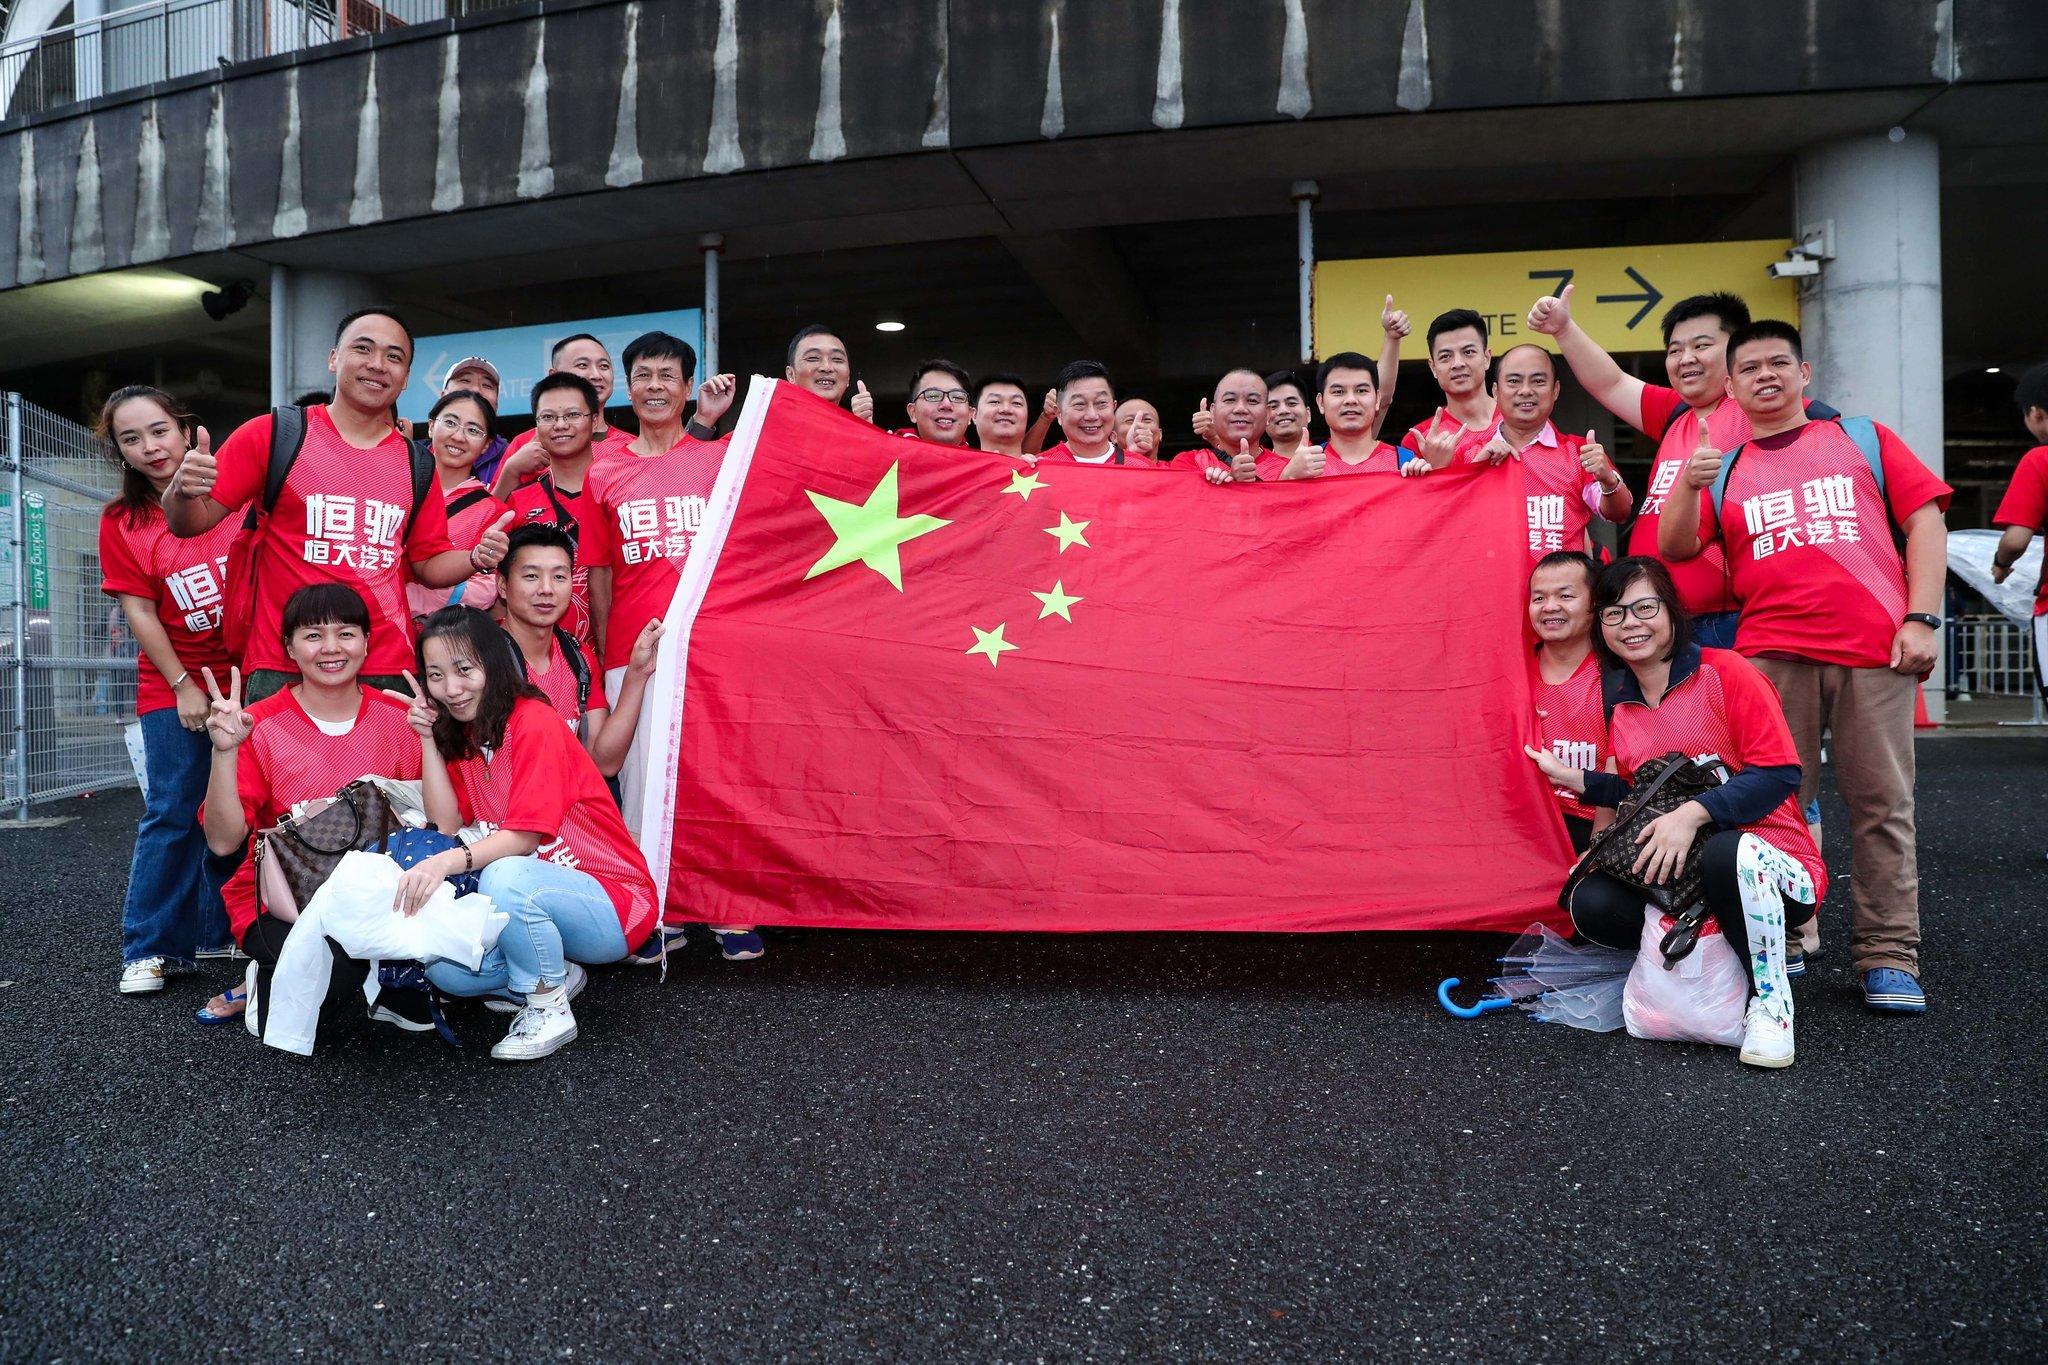 粤媒:9月4日广州德比被选为大连赛区检验赛之一,球迷可出场